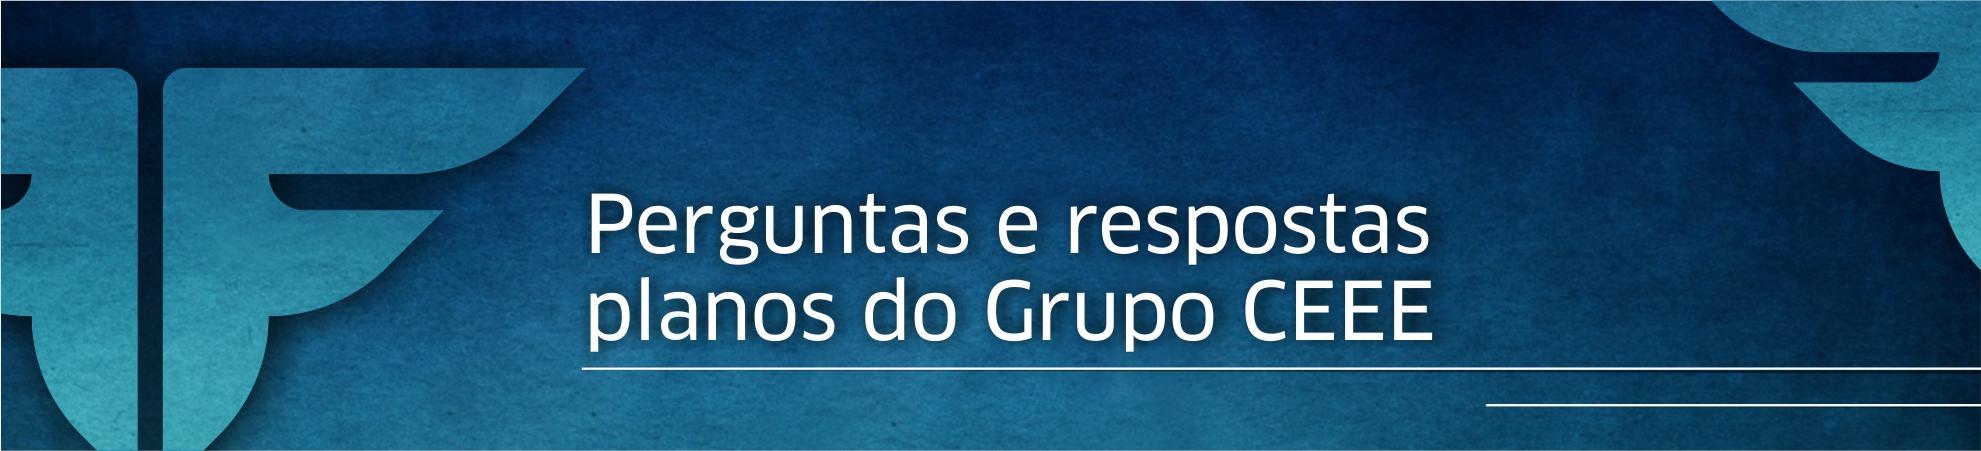 cabecalho_duvidas_2